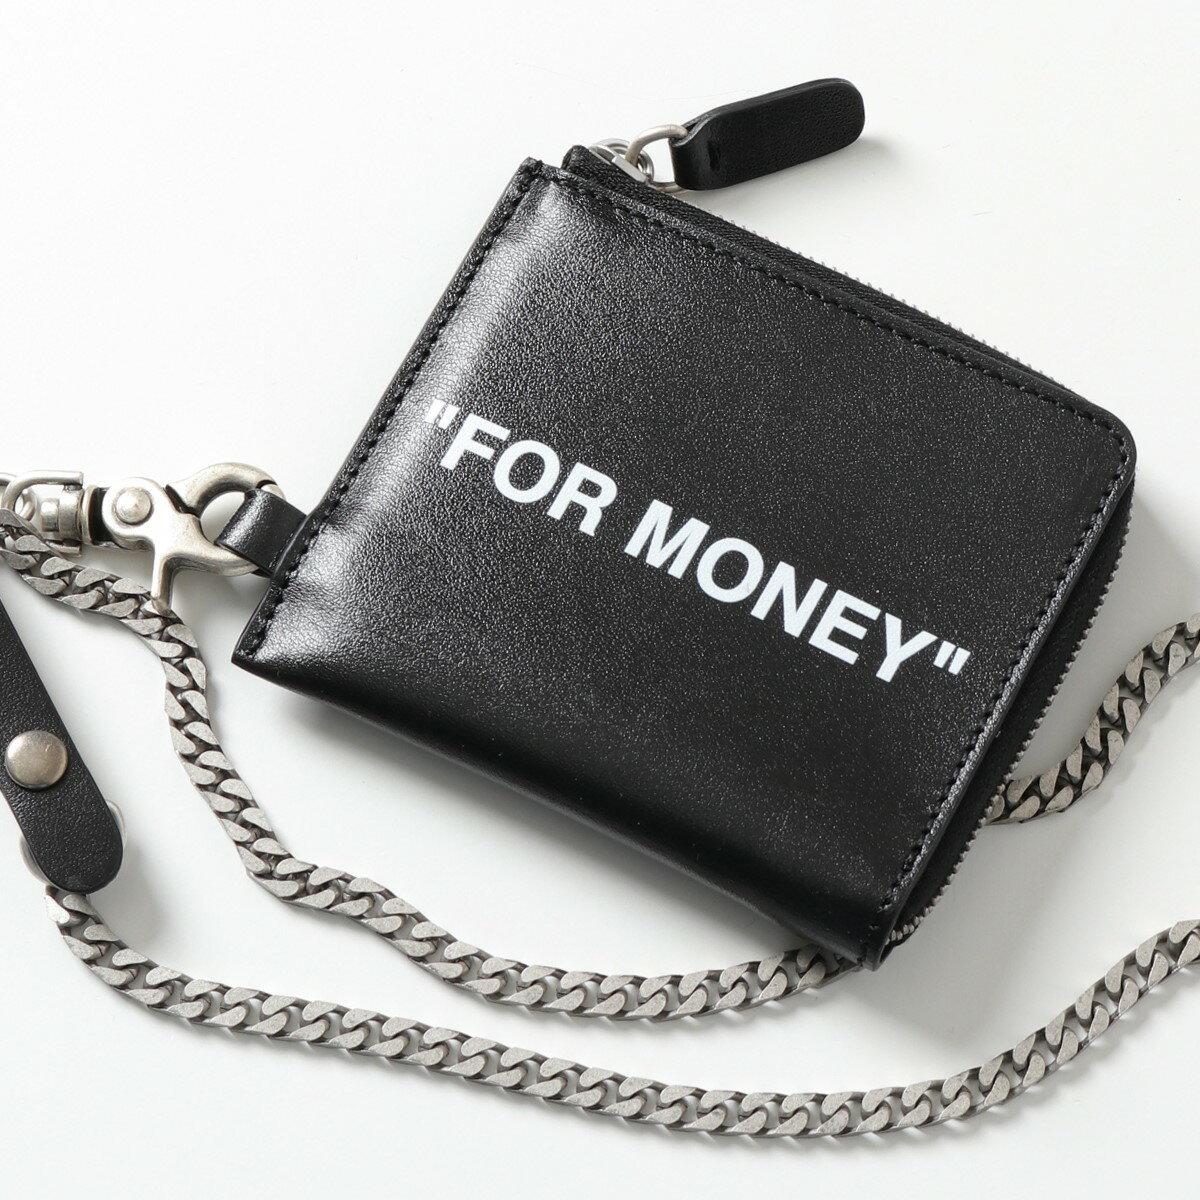 財布・ケース, メンズコインケース OFF-WHITE VIRGIL ABLOH OMNC013R20853038 1001